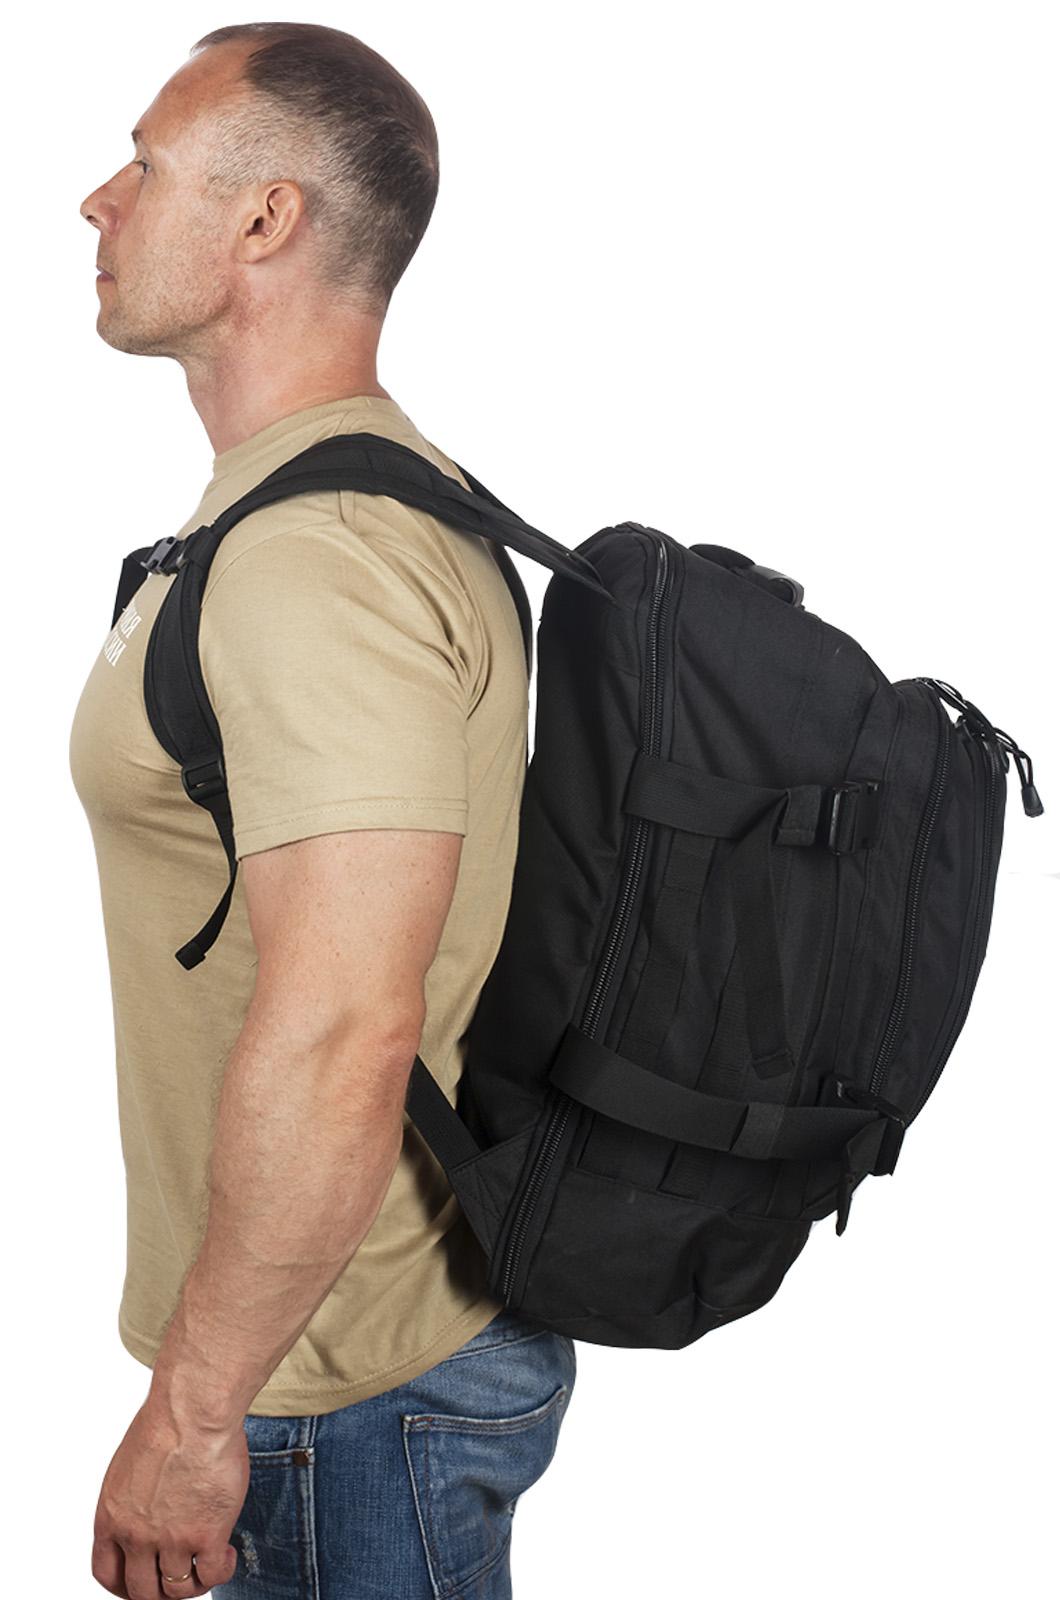 Заказать черный рюкзак универсального назначения 3-Day Expandable Backpack 08002B Black